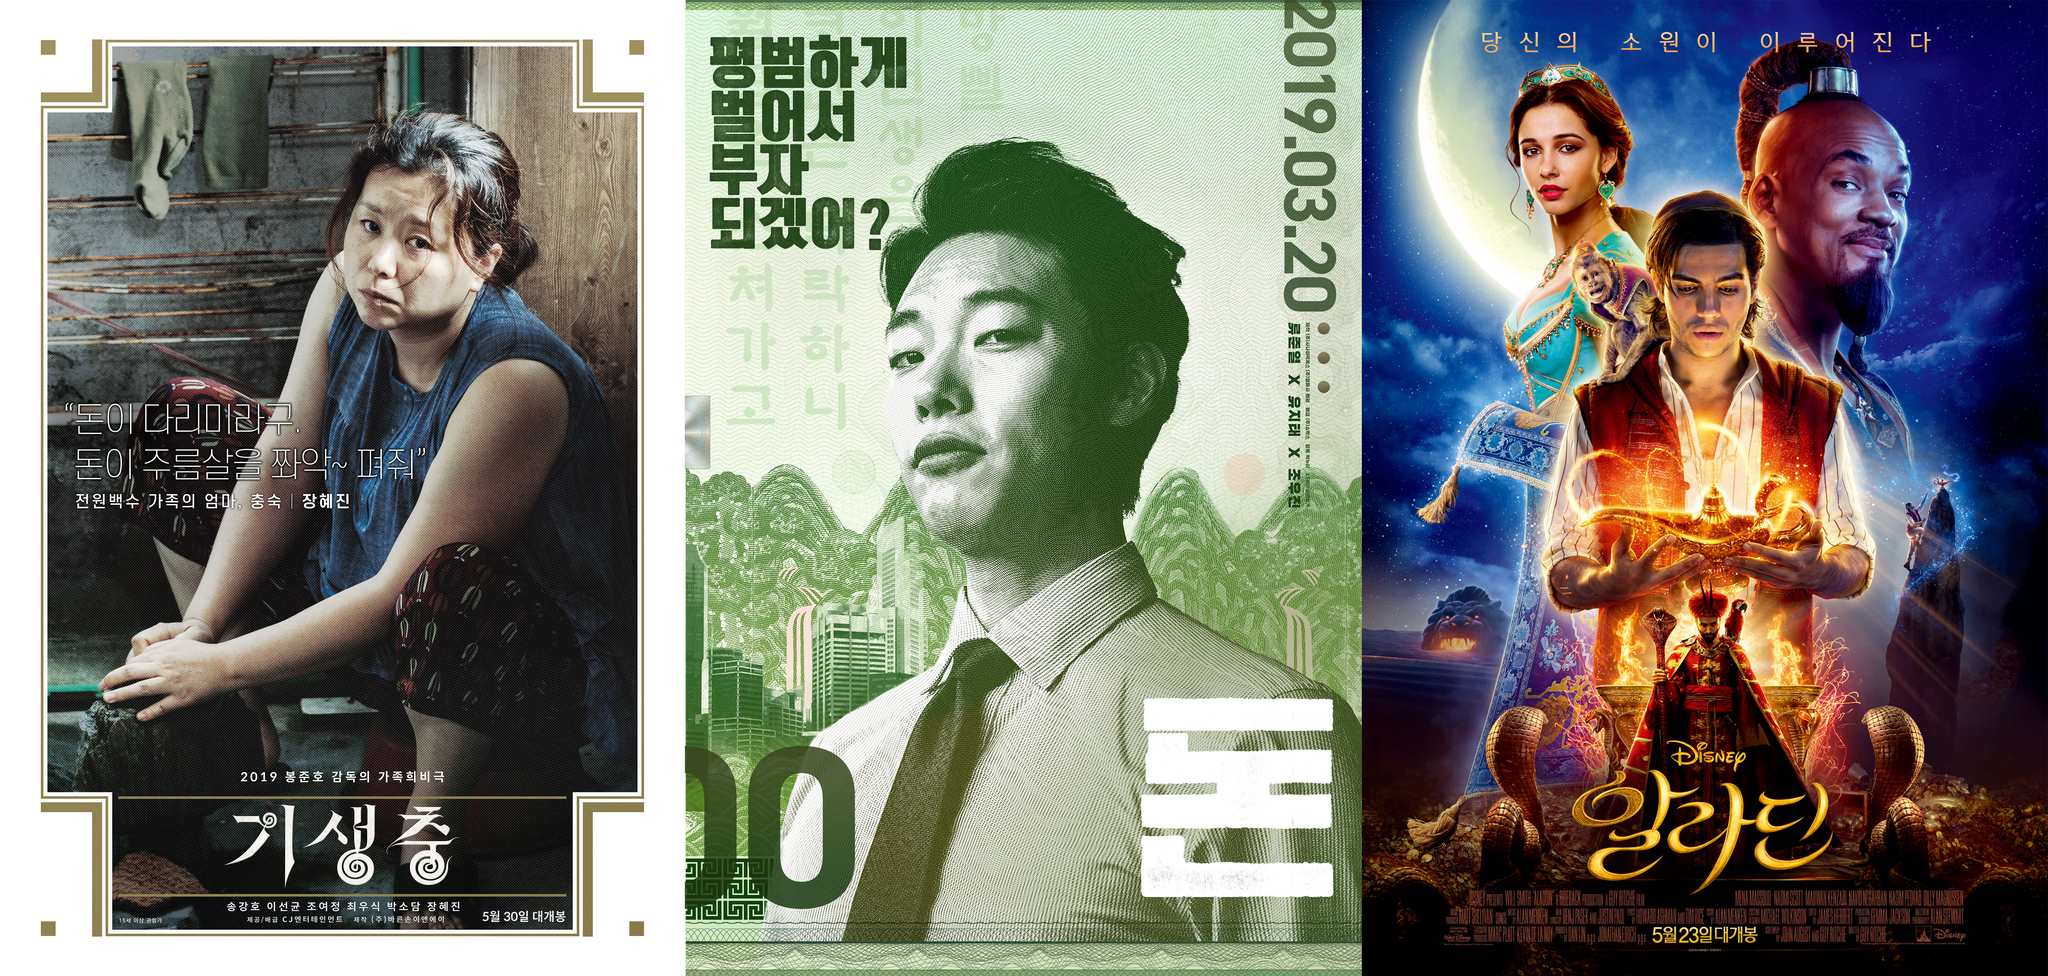 왼쪽부터 영화 '기생충 '돈' '알라딘'의 포스터. 각 포스터에 쓰여있는 문구가 인상적입니다. '돈이 주름살을 쫘악 펴준다, 평범하게 벌어서 부자 되겠느냐, 당신의 소원이 이루어진다'라는 문구를 읽고 어떤 생각이 드시나요? [사진 네이버 영화]